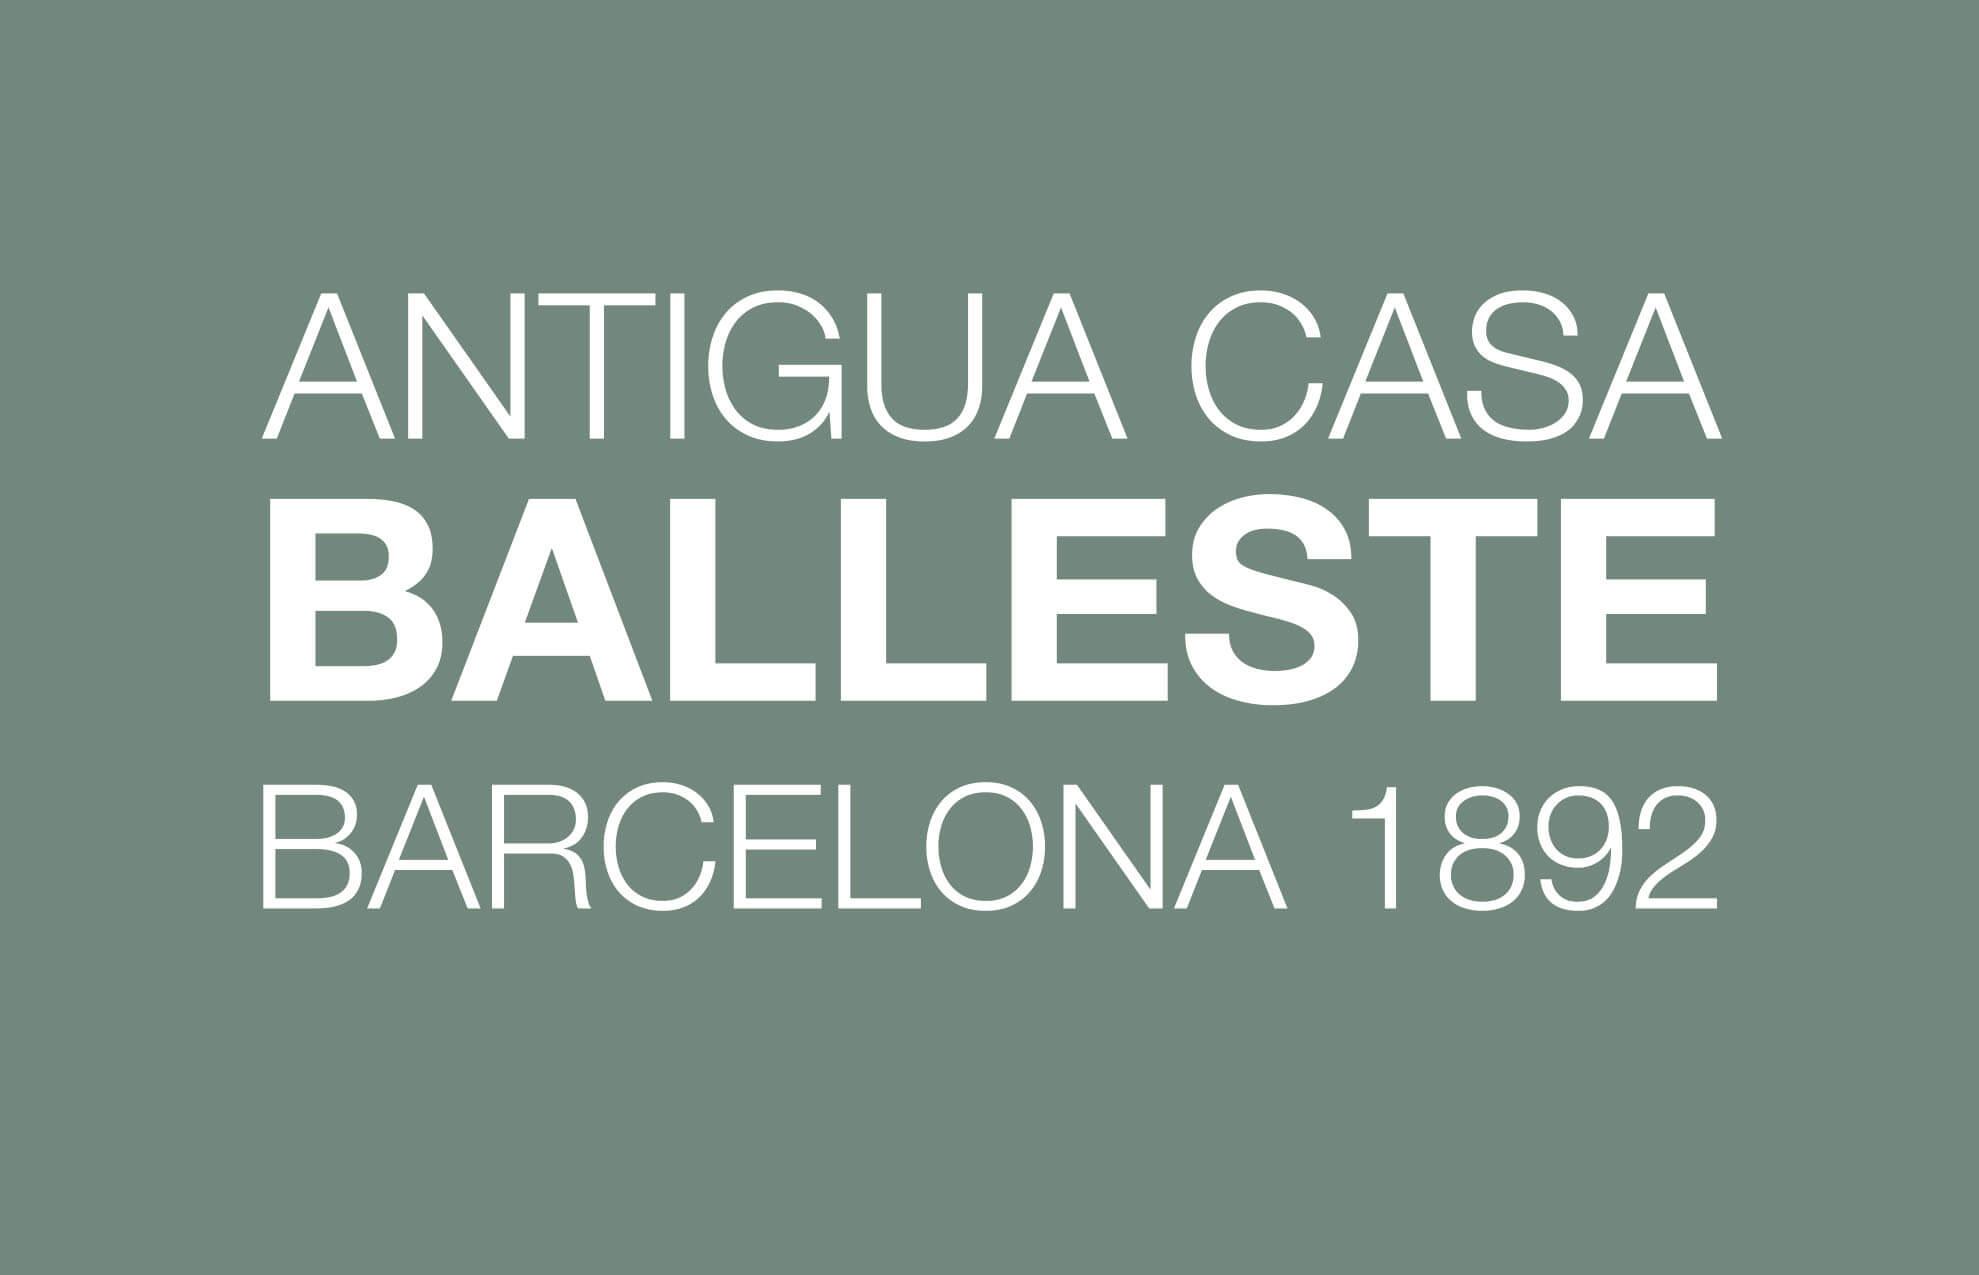 rediseno logotipo casa balleste barcelona1 - Restyling de identidad gráfica